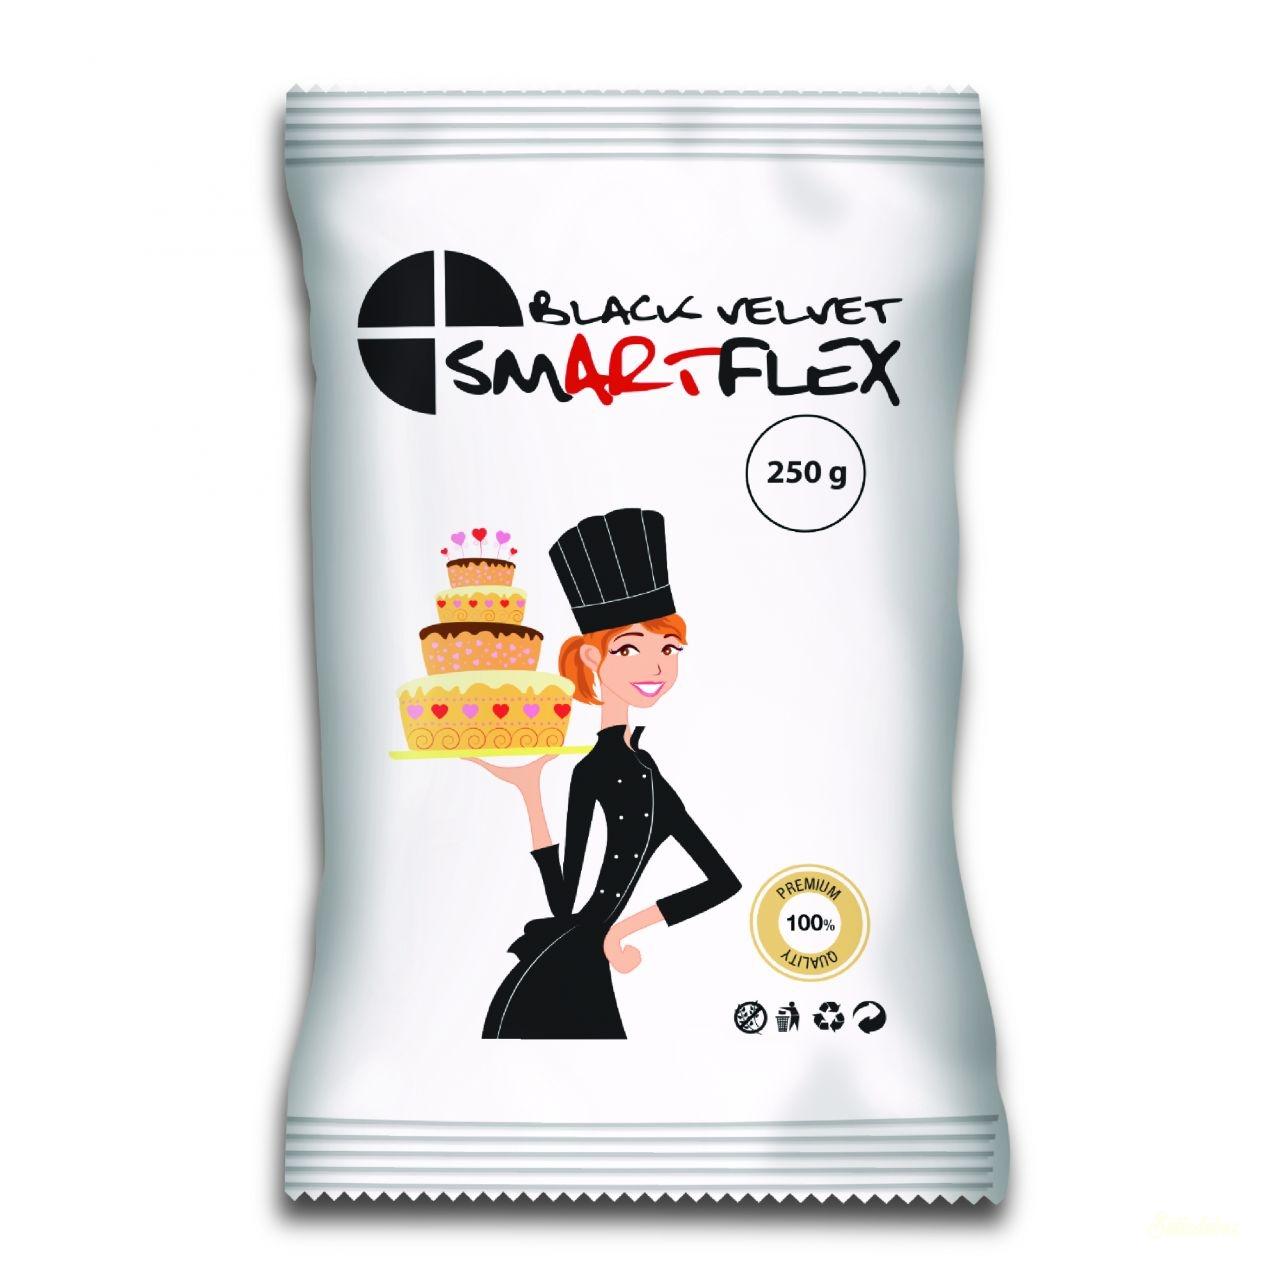 Smartflex Color Velvet massza 250g - Fekete